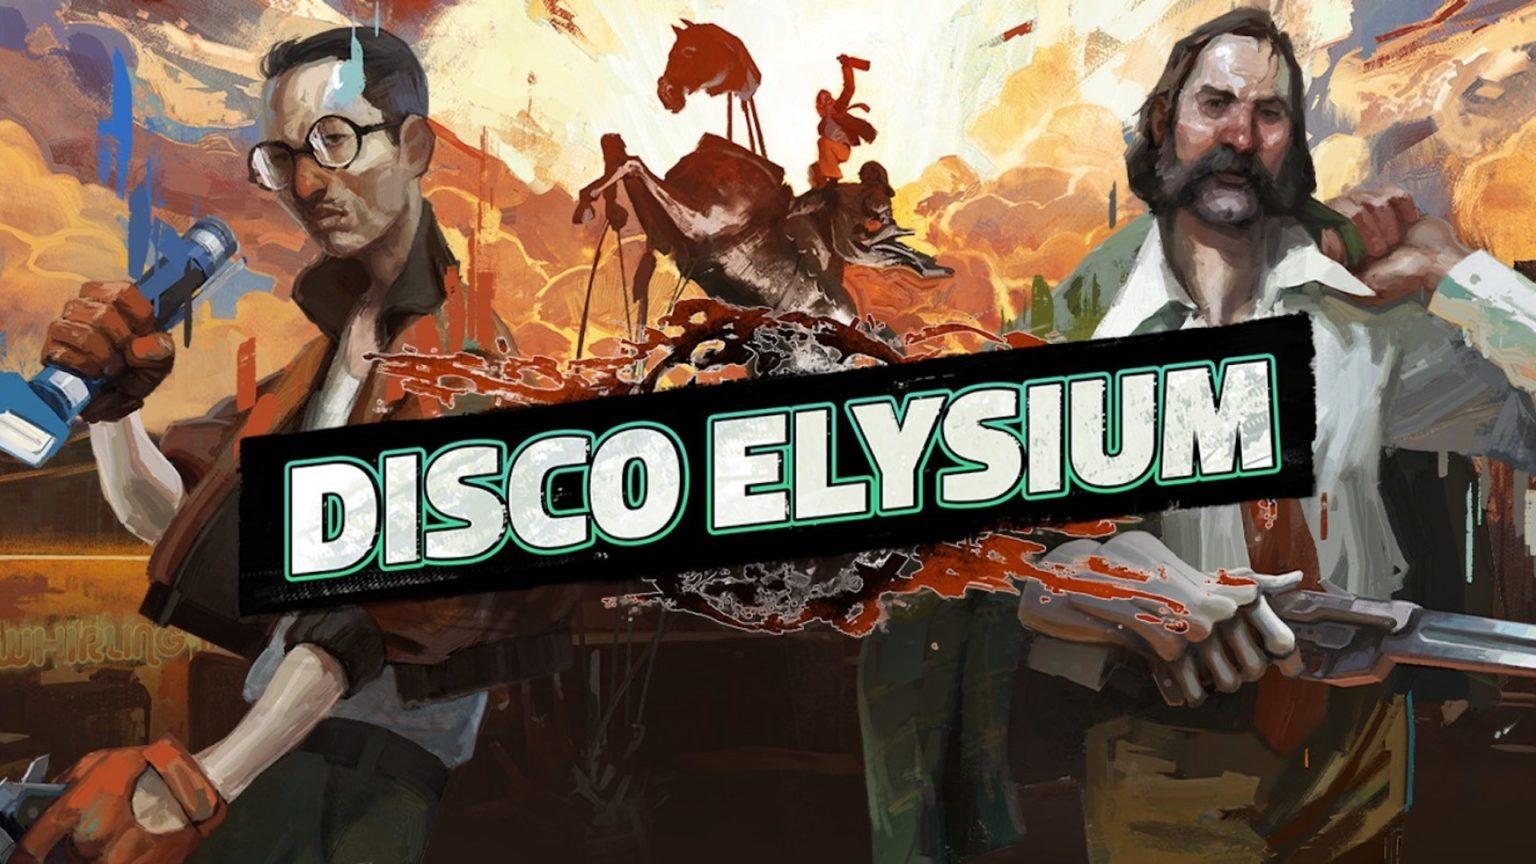 # 15 - Disco Elysium